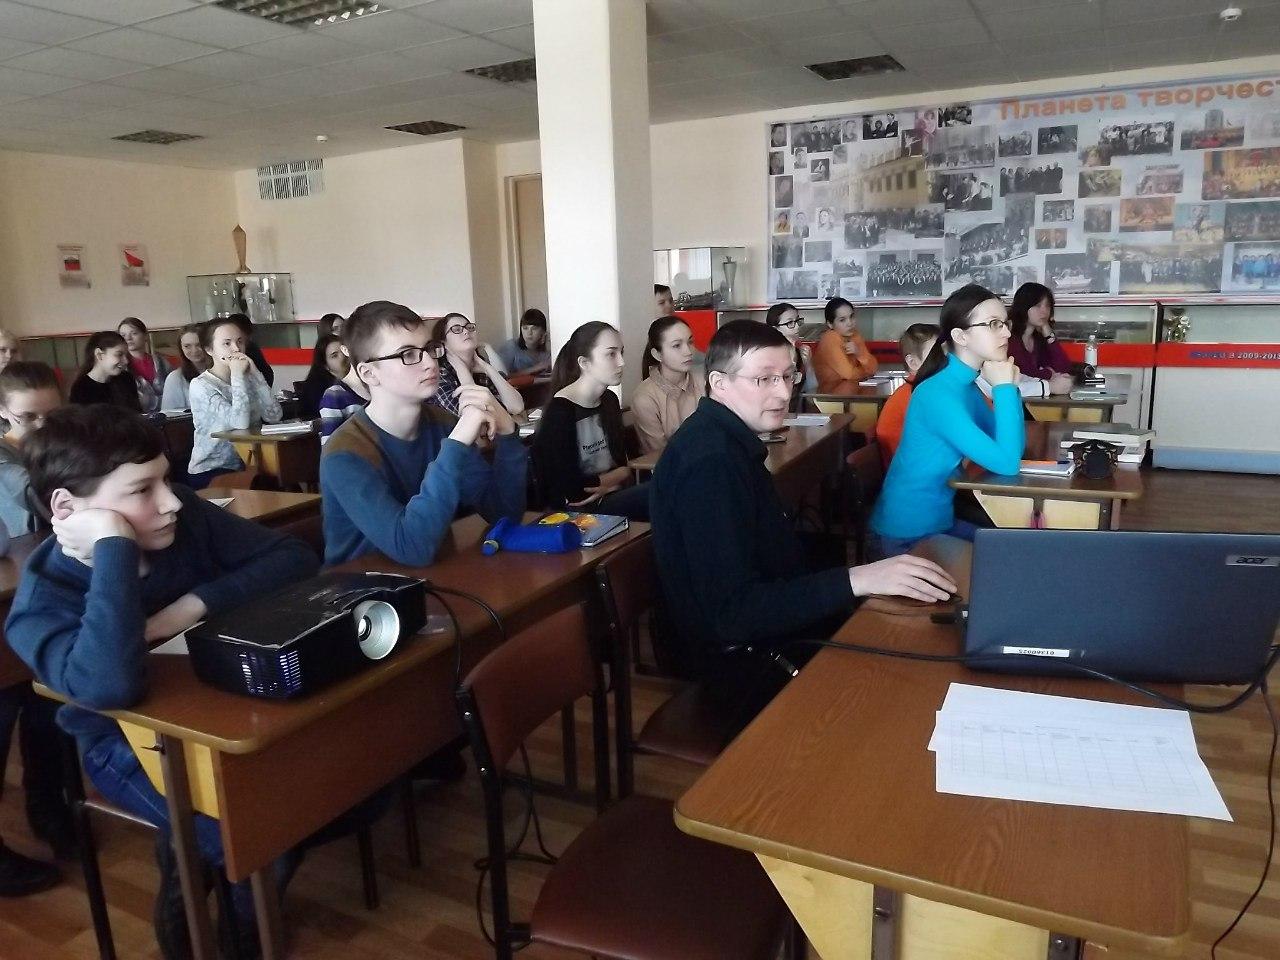 Весенняя Школа Юнната. Фото Е. Игнатьевой